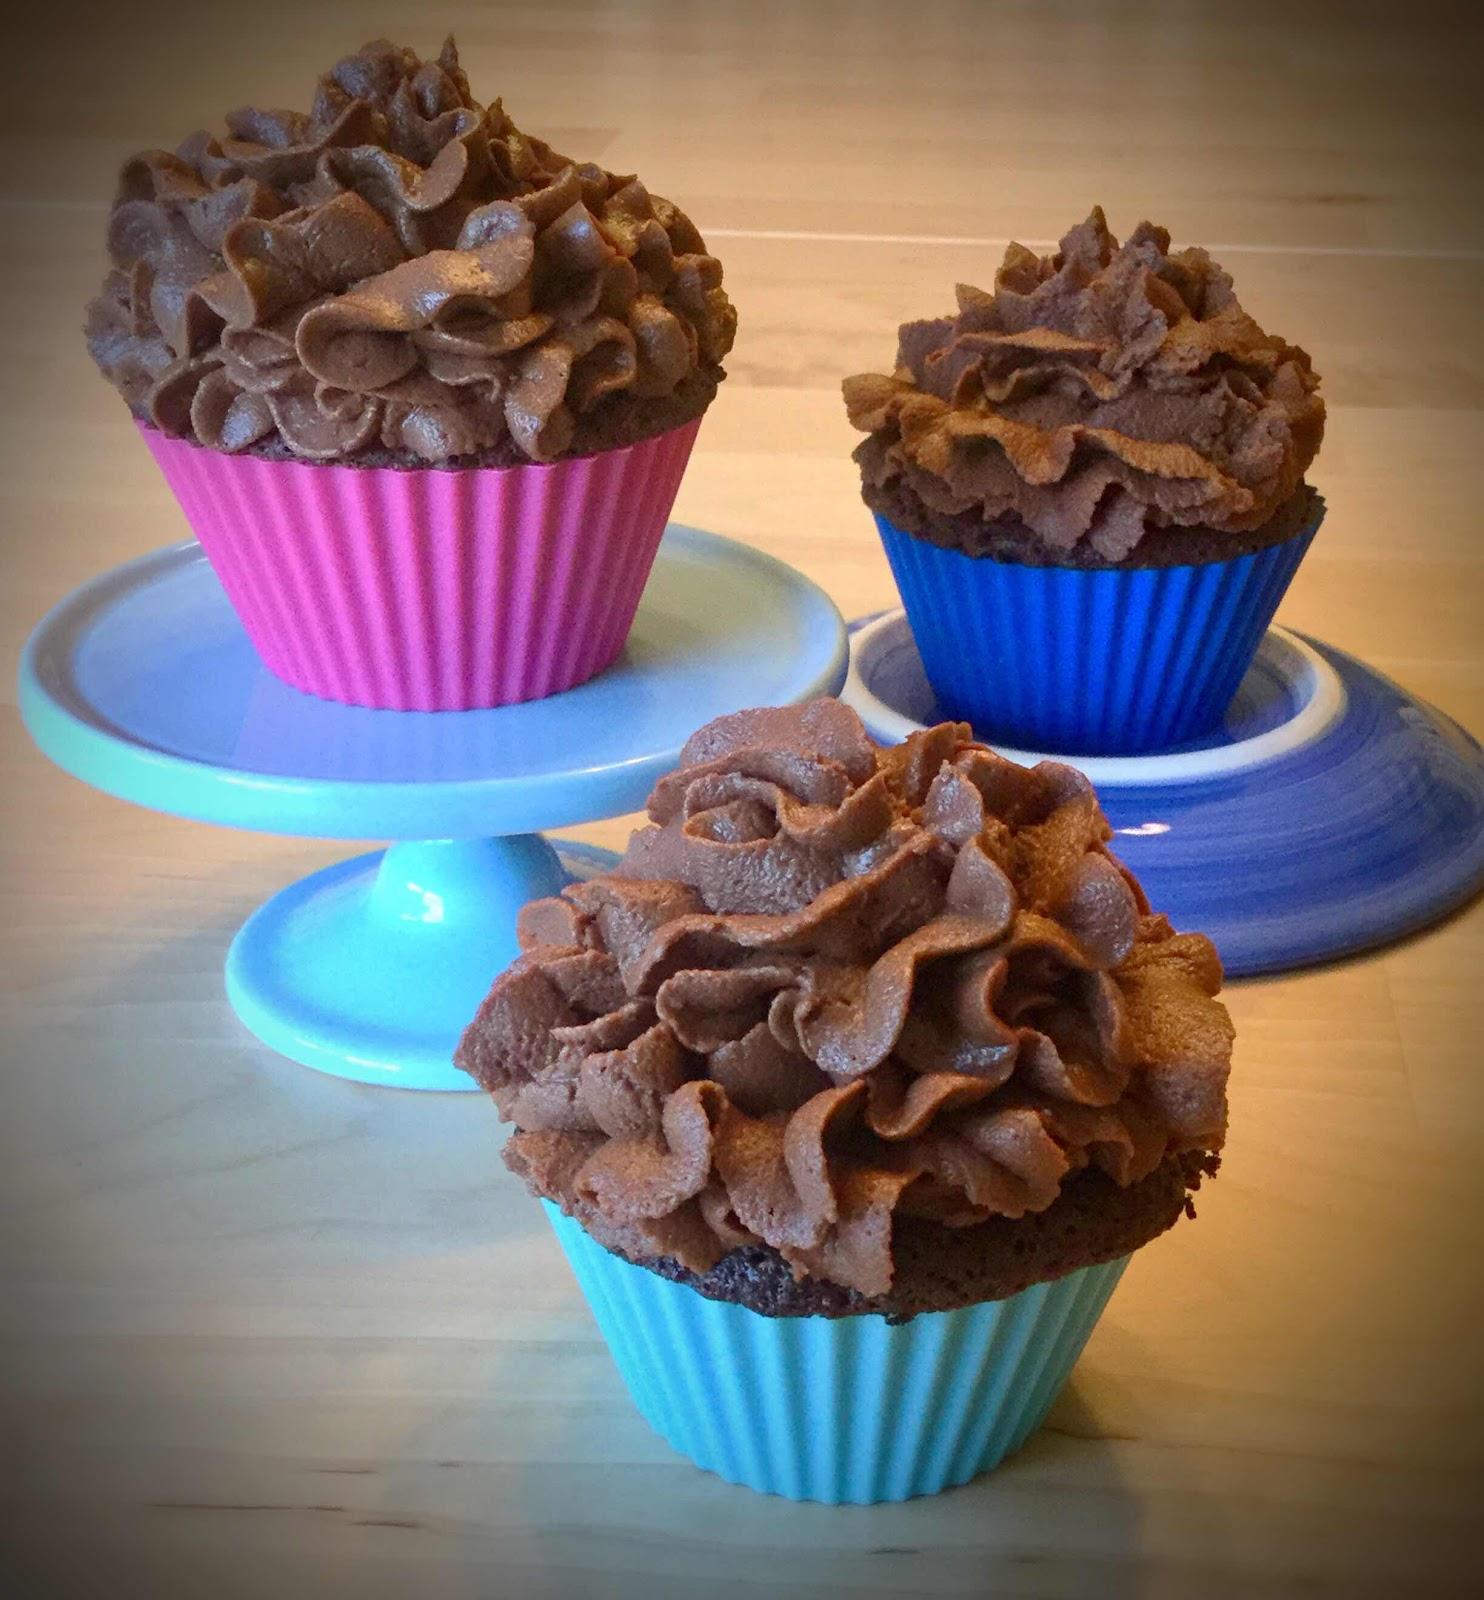 40 second Dark Chocolate Cupcakes